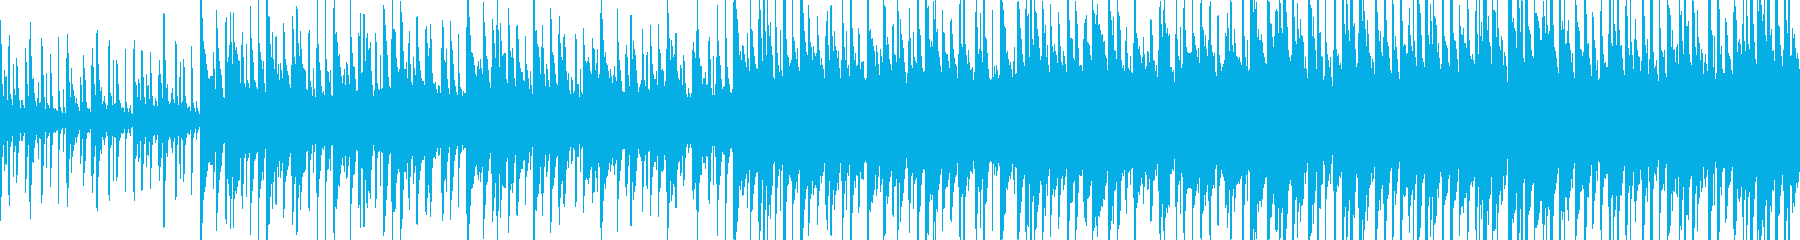 ウッドベースが印象的な楽しいセッション曲の再生済みの波形